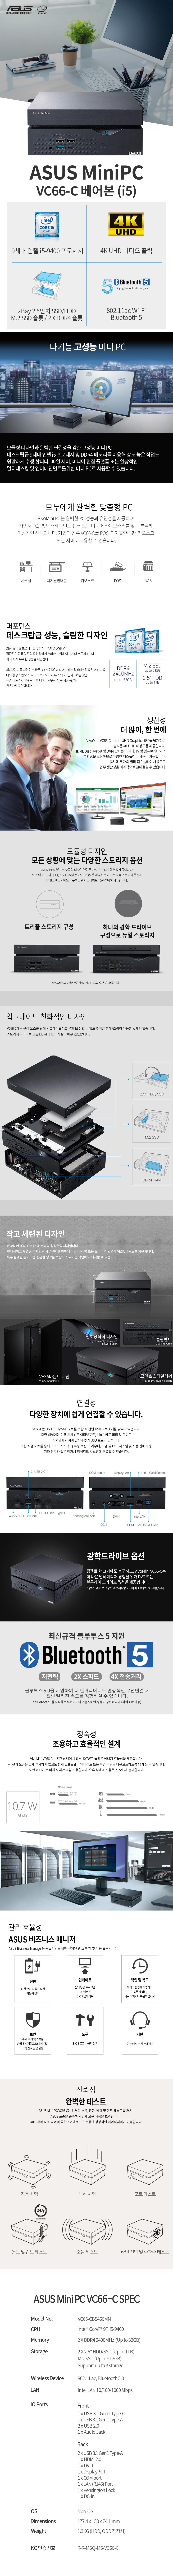 ASUS VivoMini VC66-C i5-9400 M2 (4GB, M2 128GB)